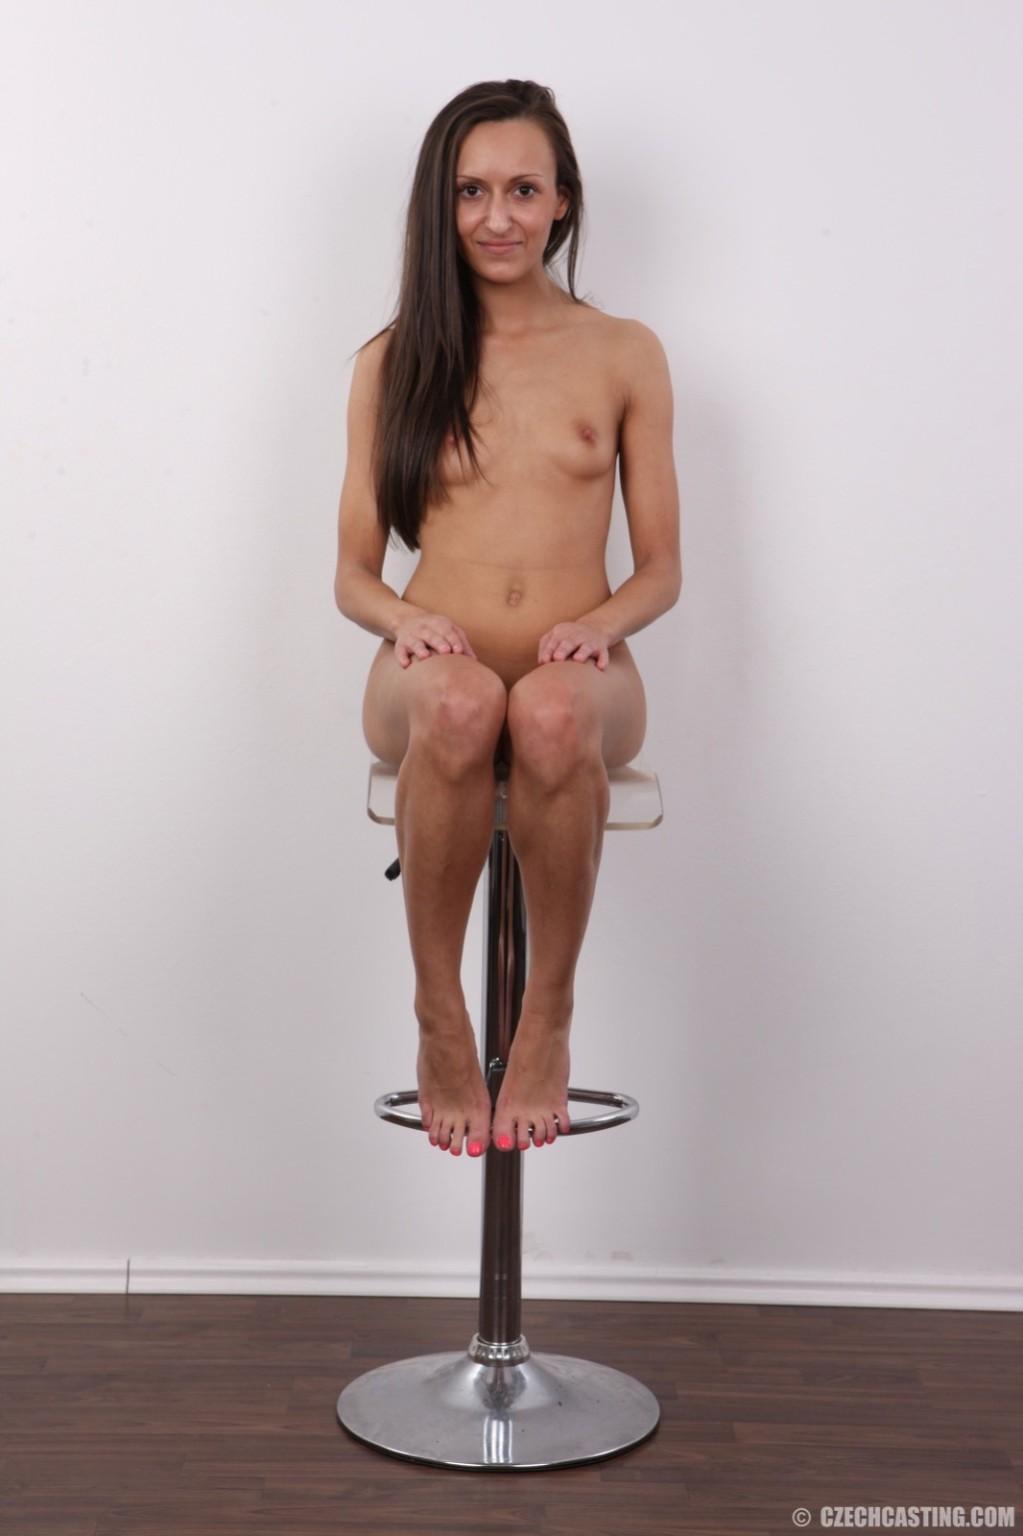 Брюнетка снимает с себя всю ненужную одежду и показывает свое стройное тело без всякого стеснения